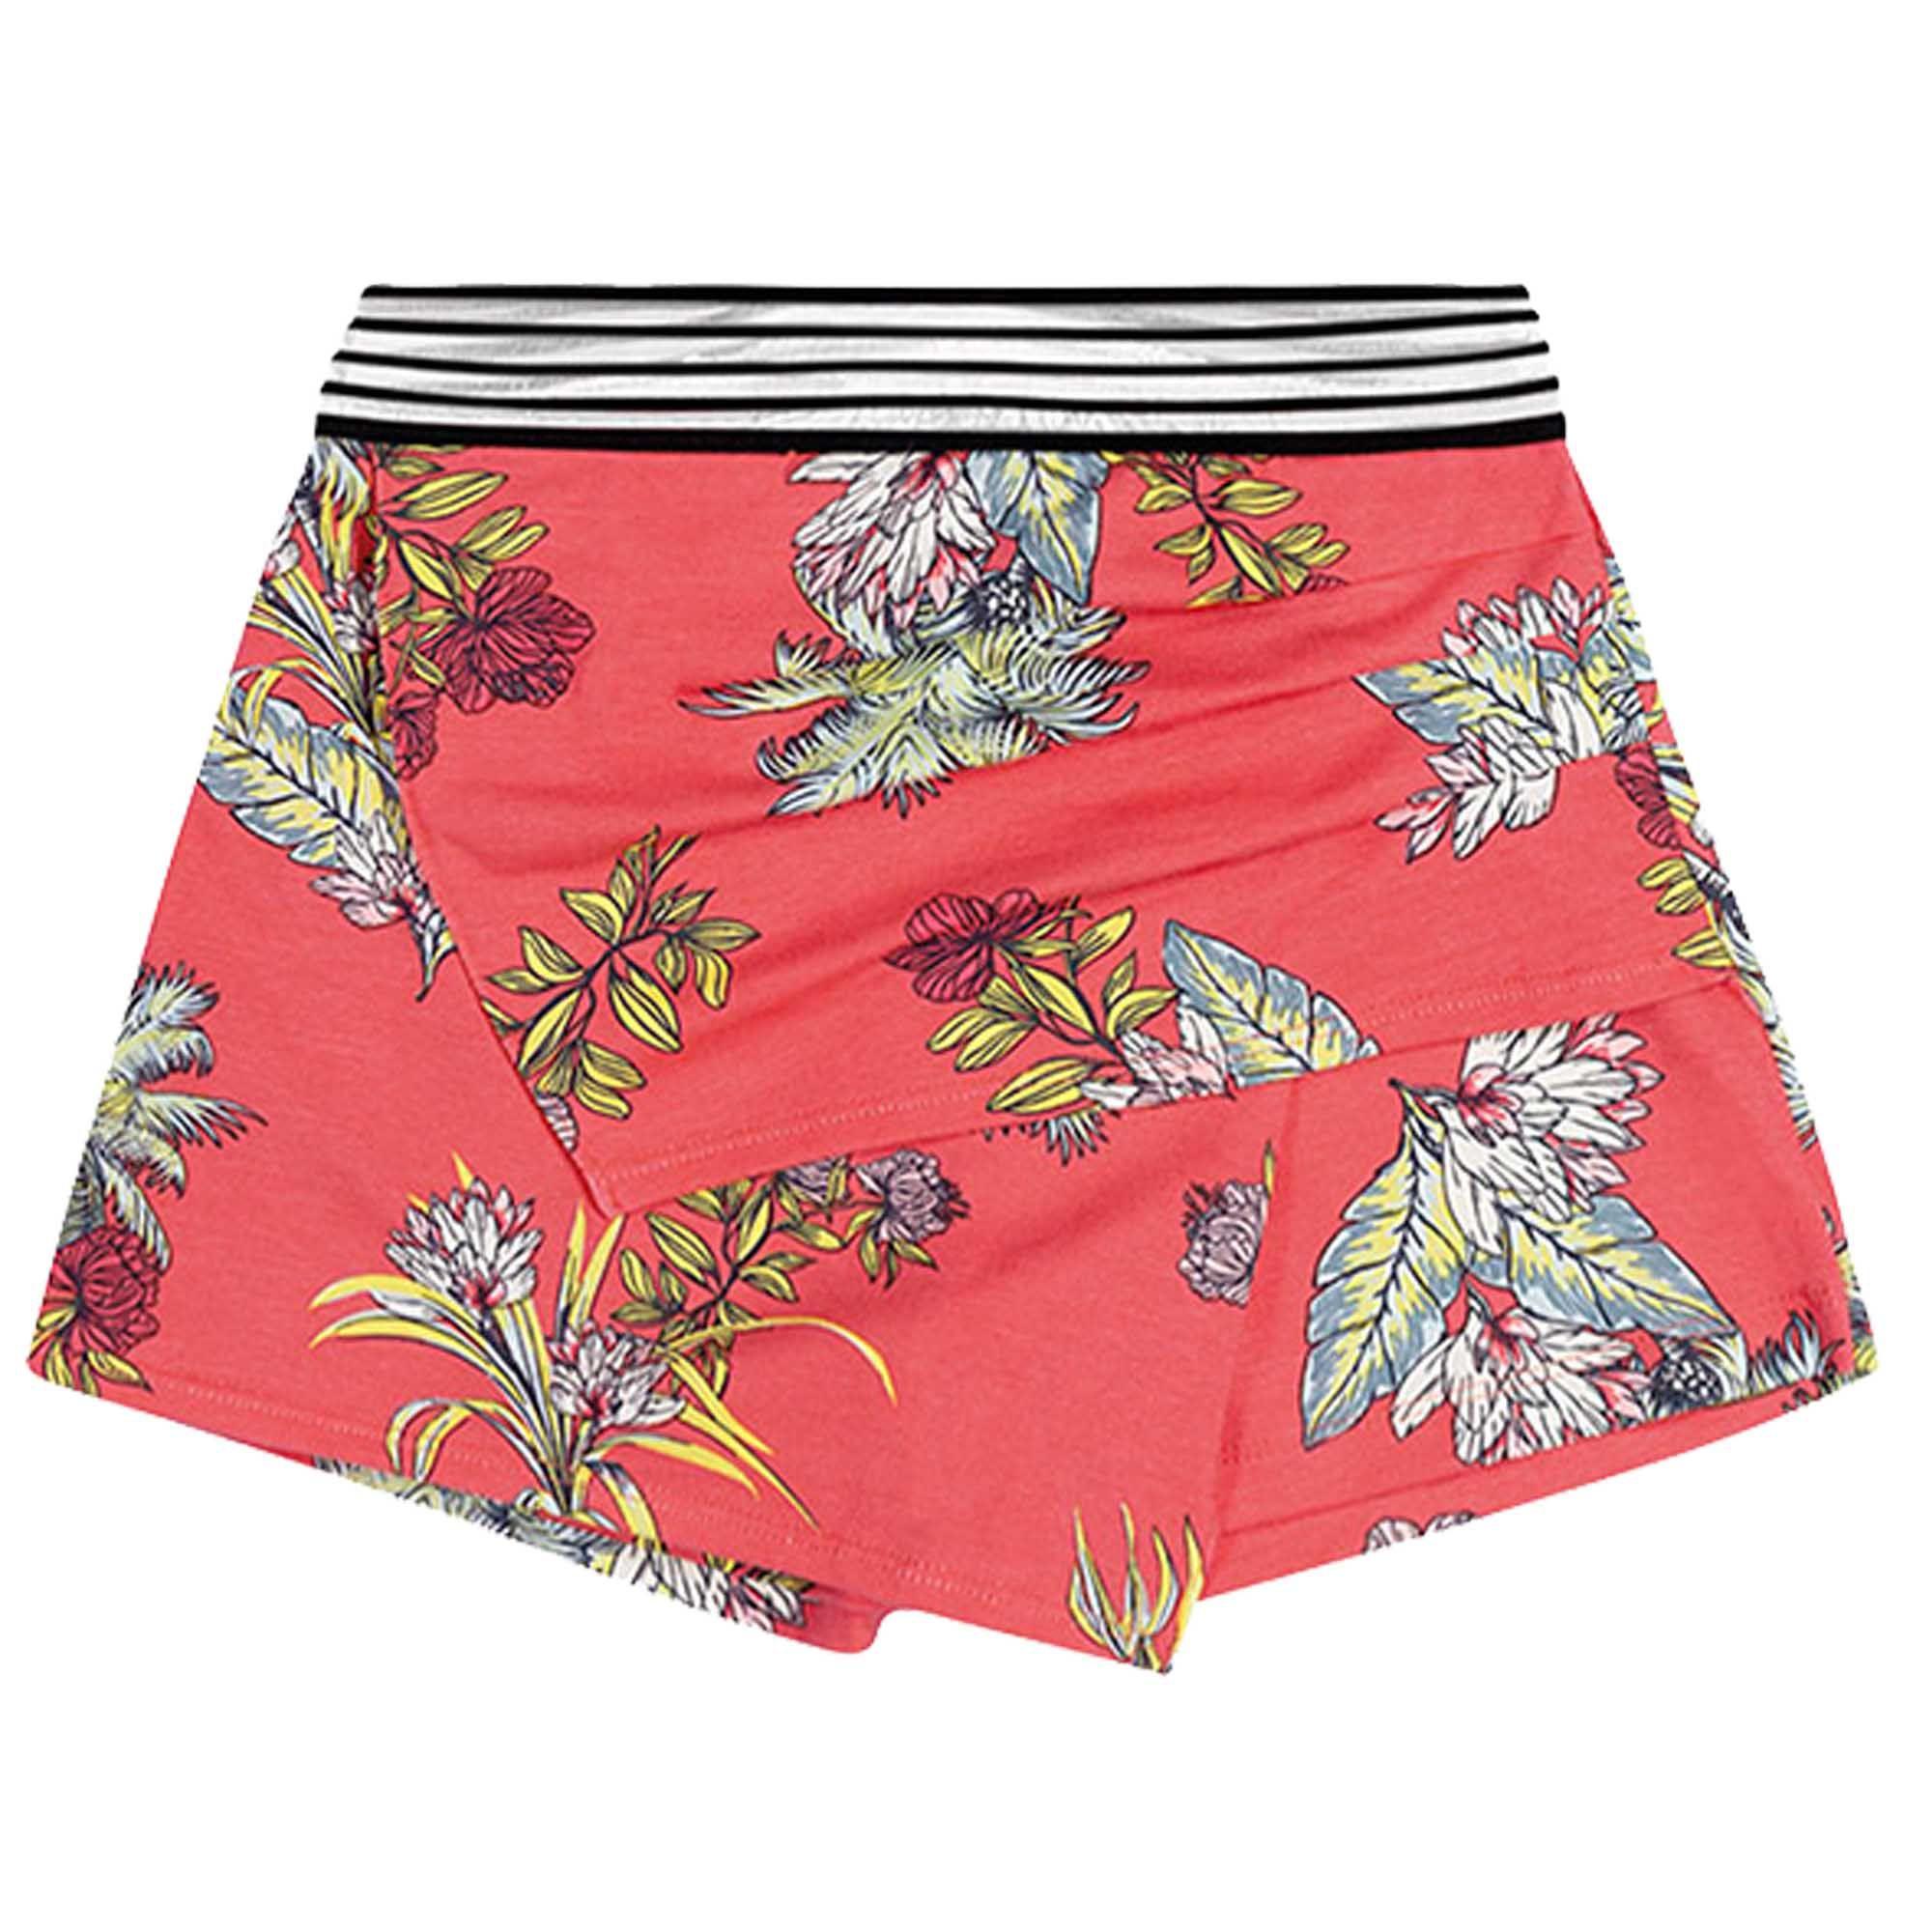 Conjunto Verão Brandili Young Regata e Shorts Saia Florido - 12 ao 16